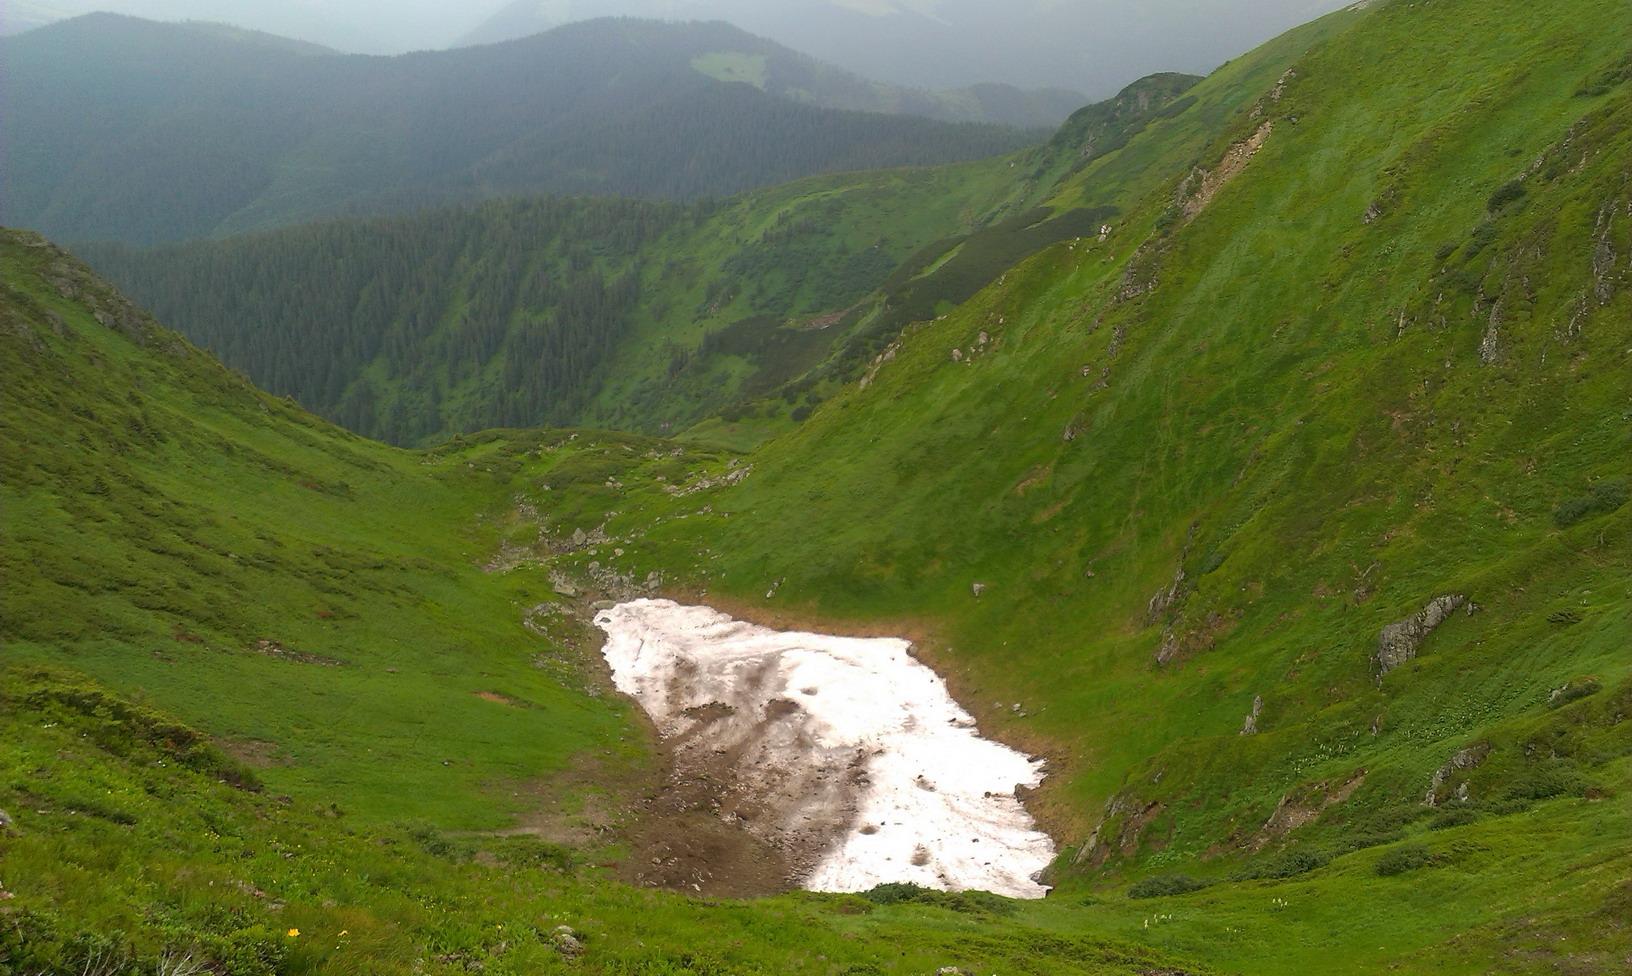 Внизу - сніжники. 29 червня!!! Видно, що крім снігових лавин сходили і селеві потоки, які нанесли поверх снігу землю з каміннями